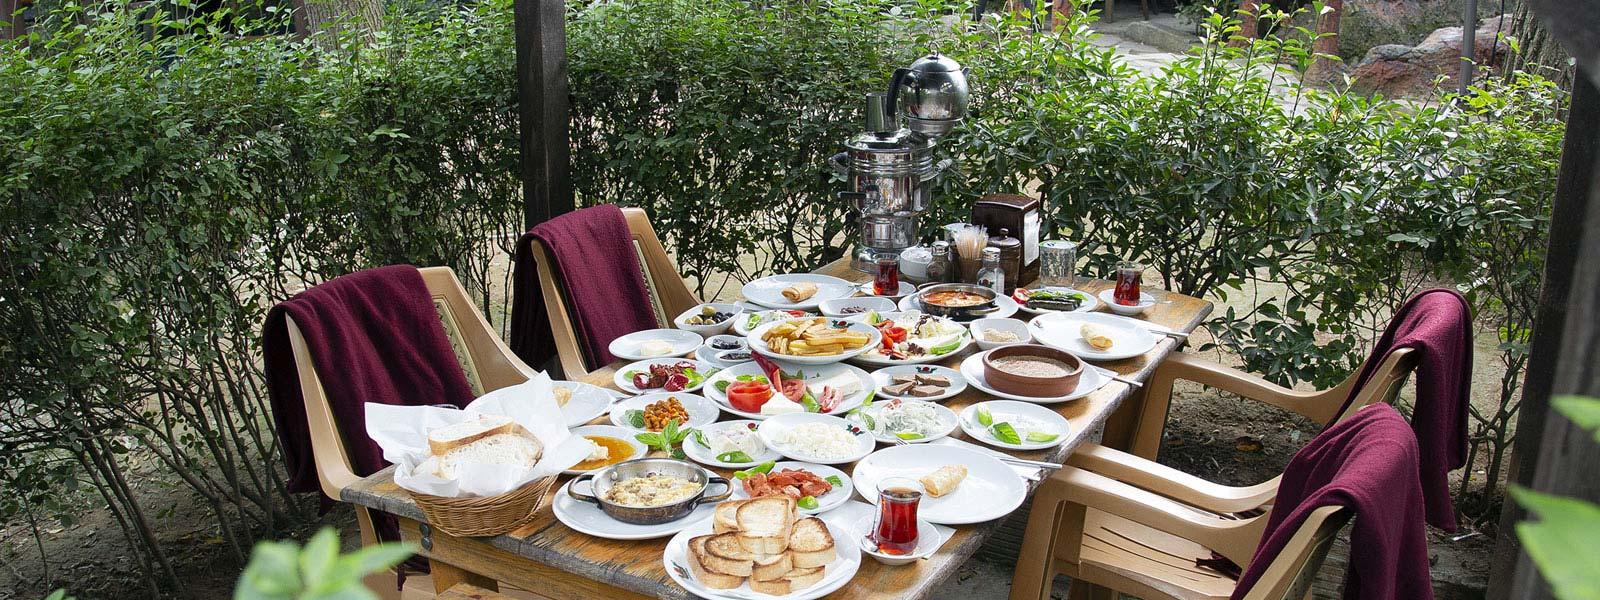 Eşsiz Kahvaltı Keyfini Bizimle Yaşayın